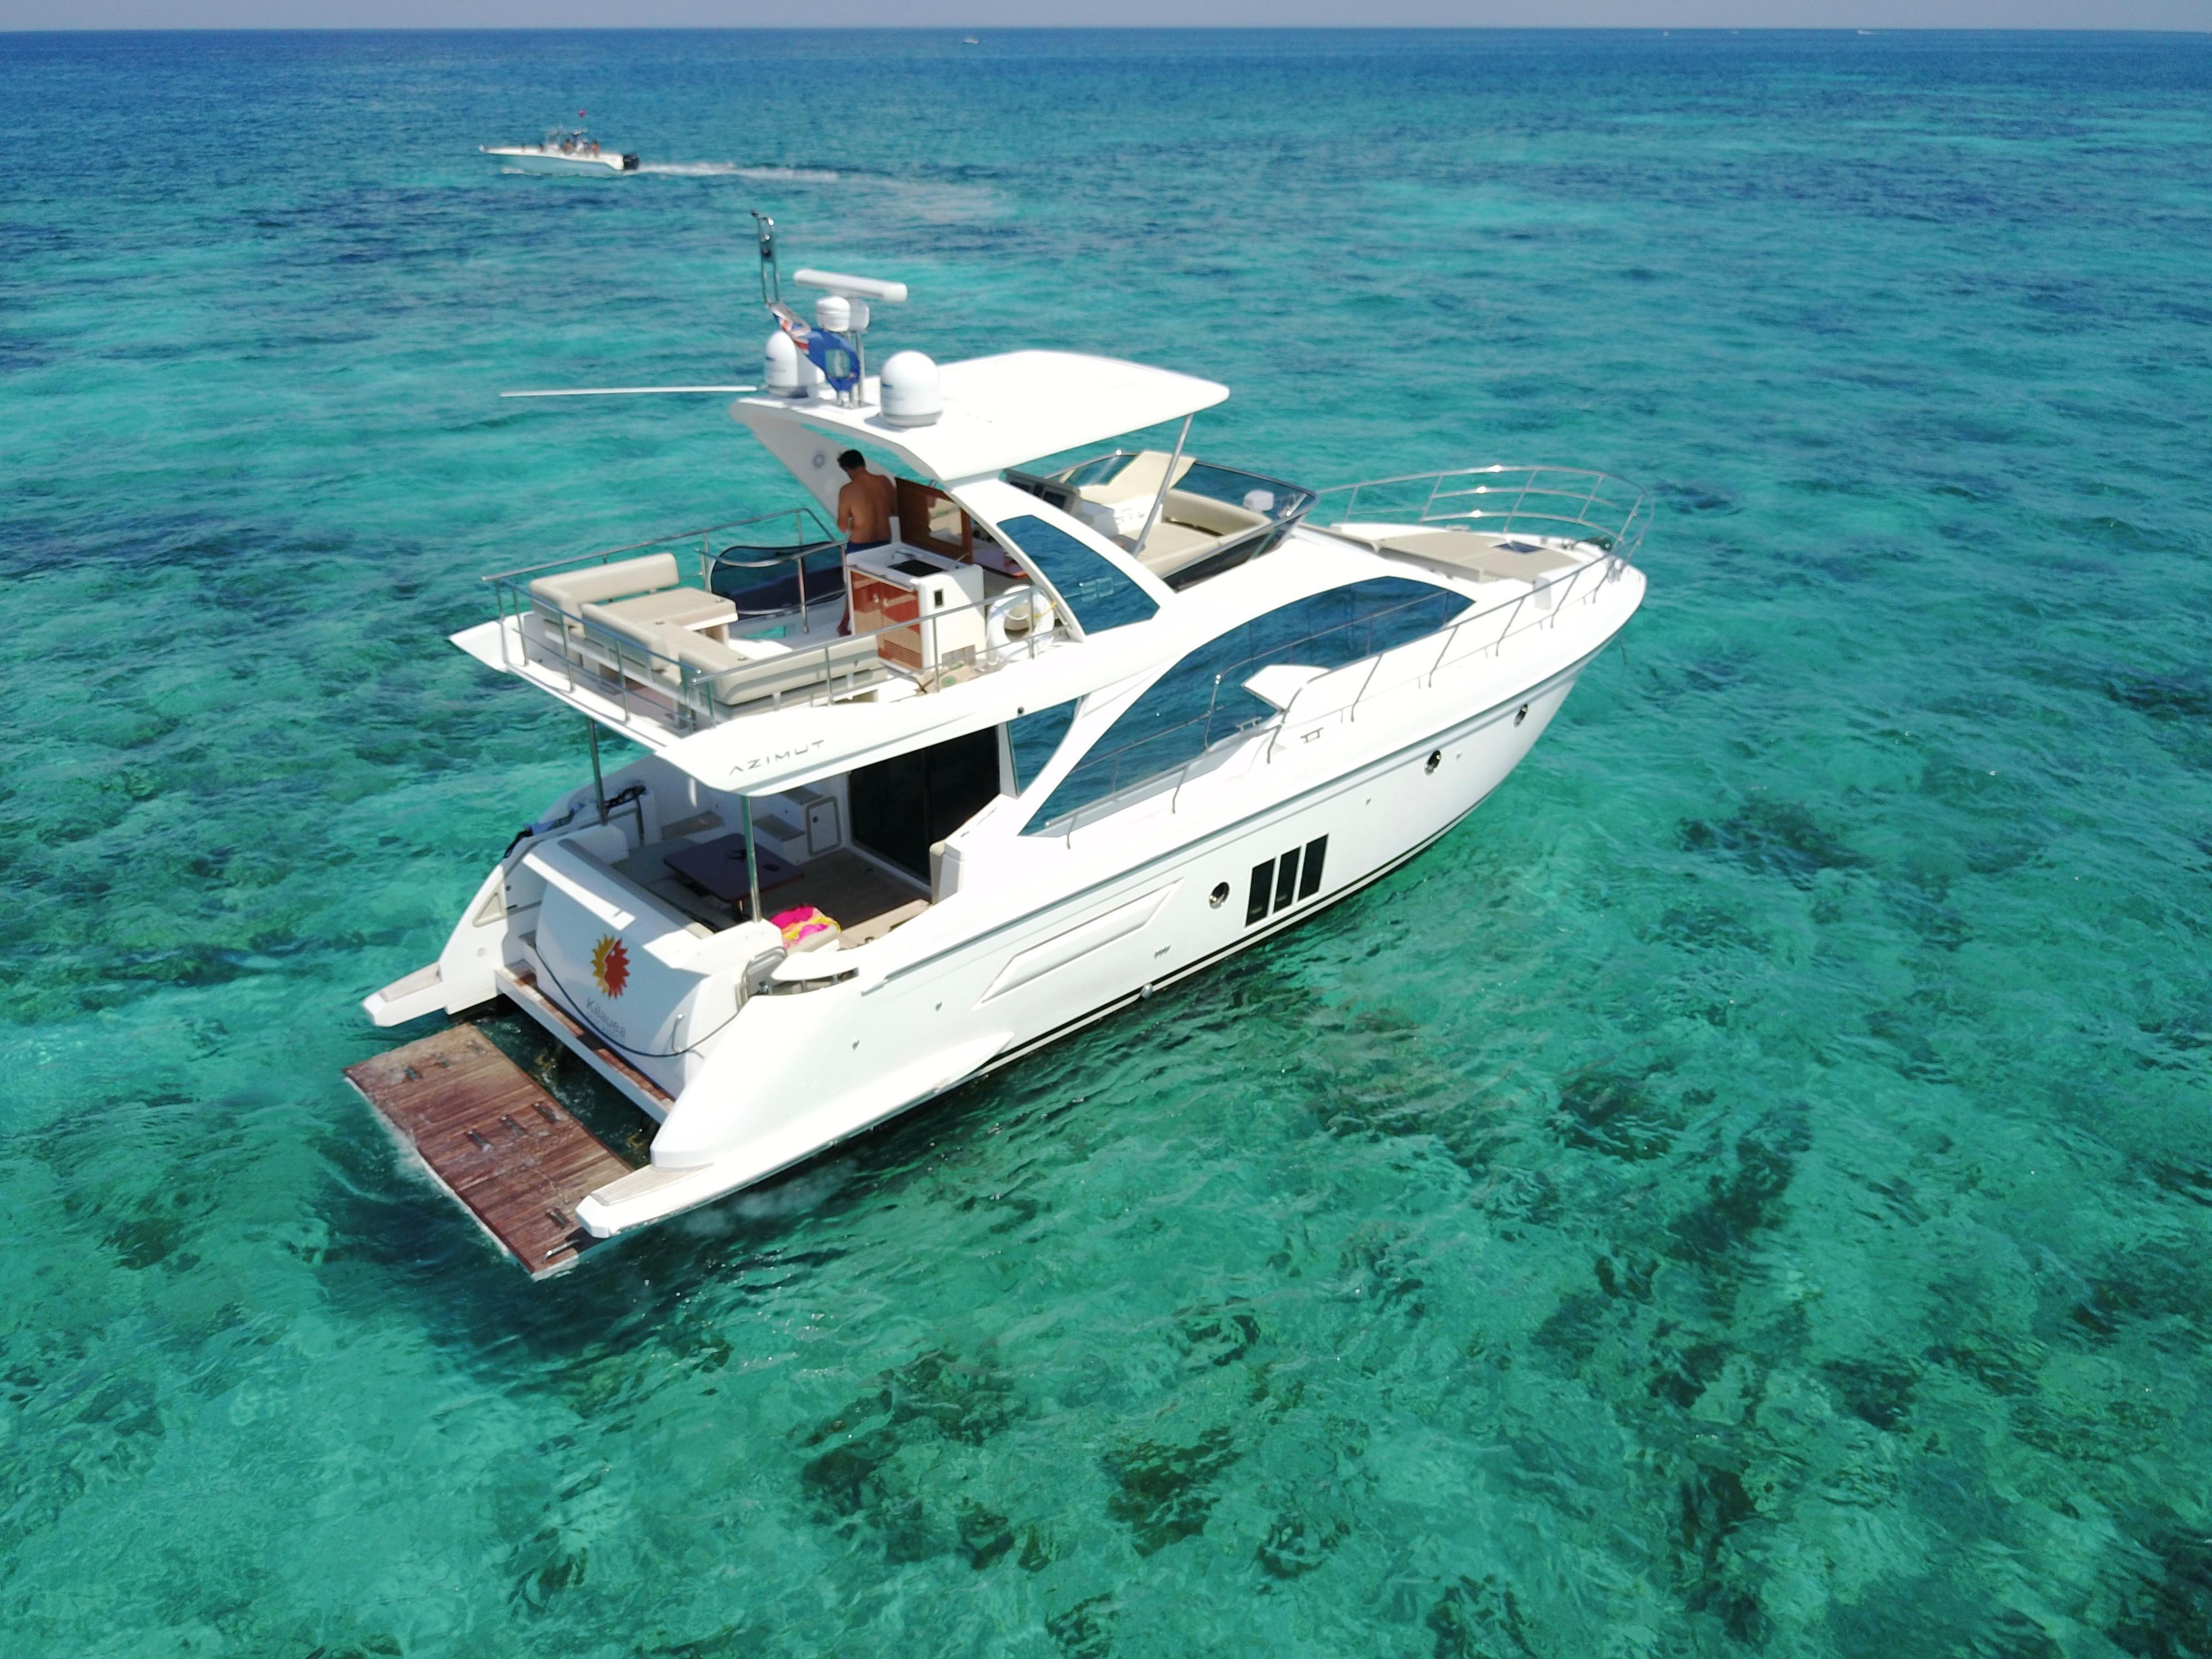 2017 Azimut 50 Flybridge Power Boat For Sale - www ...